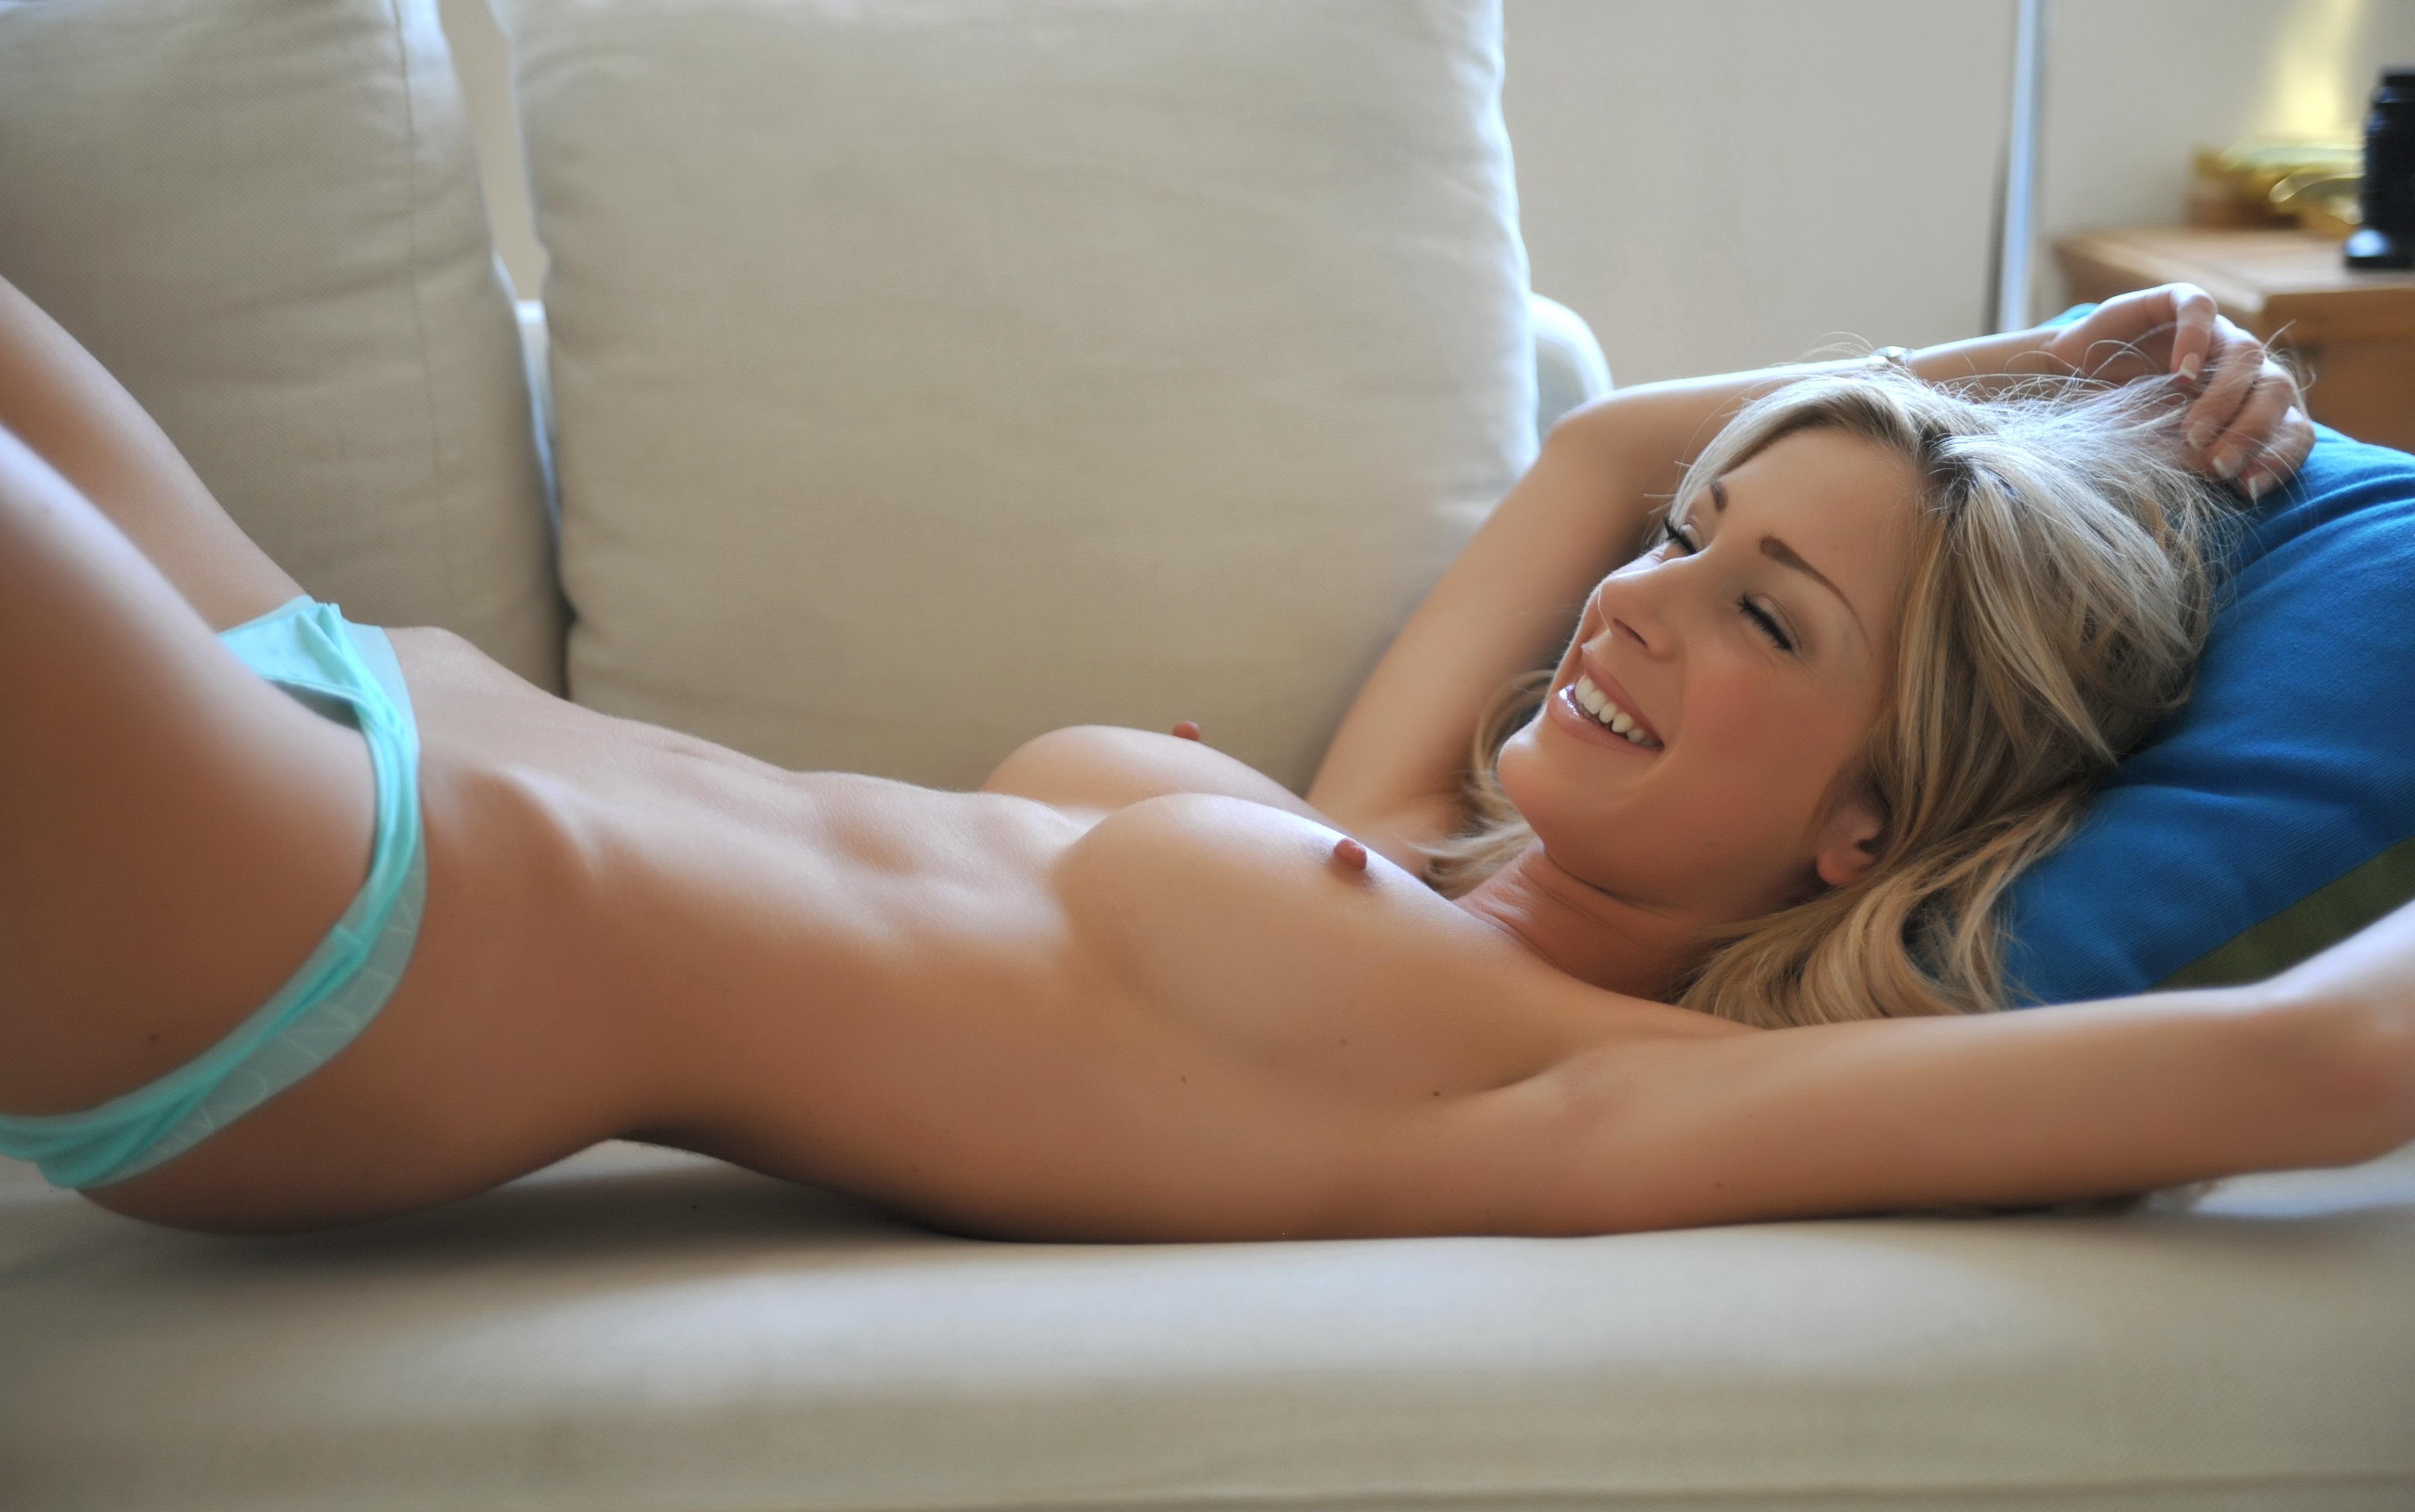 Эротические трусики и сиськи 15 фотография